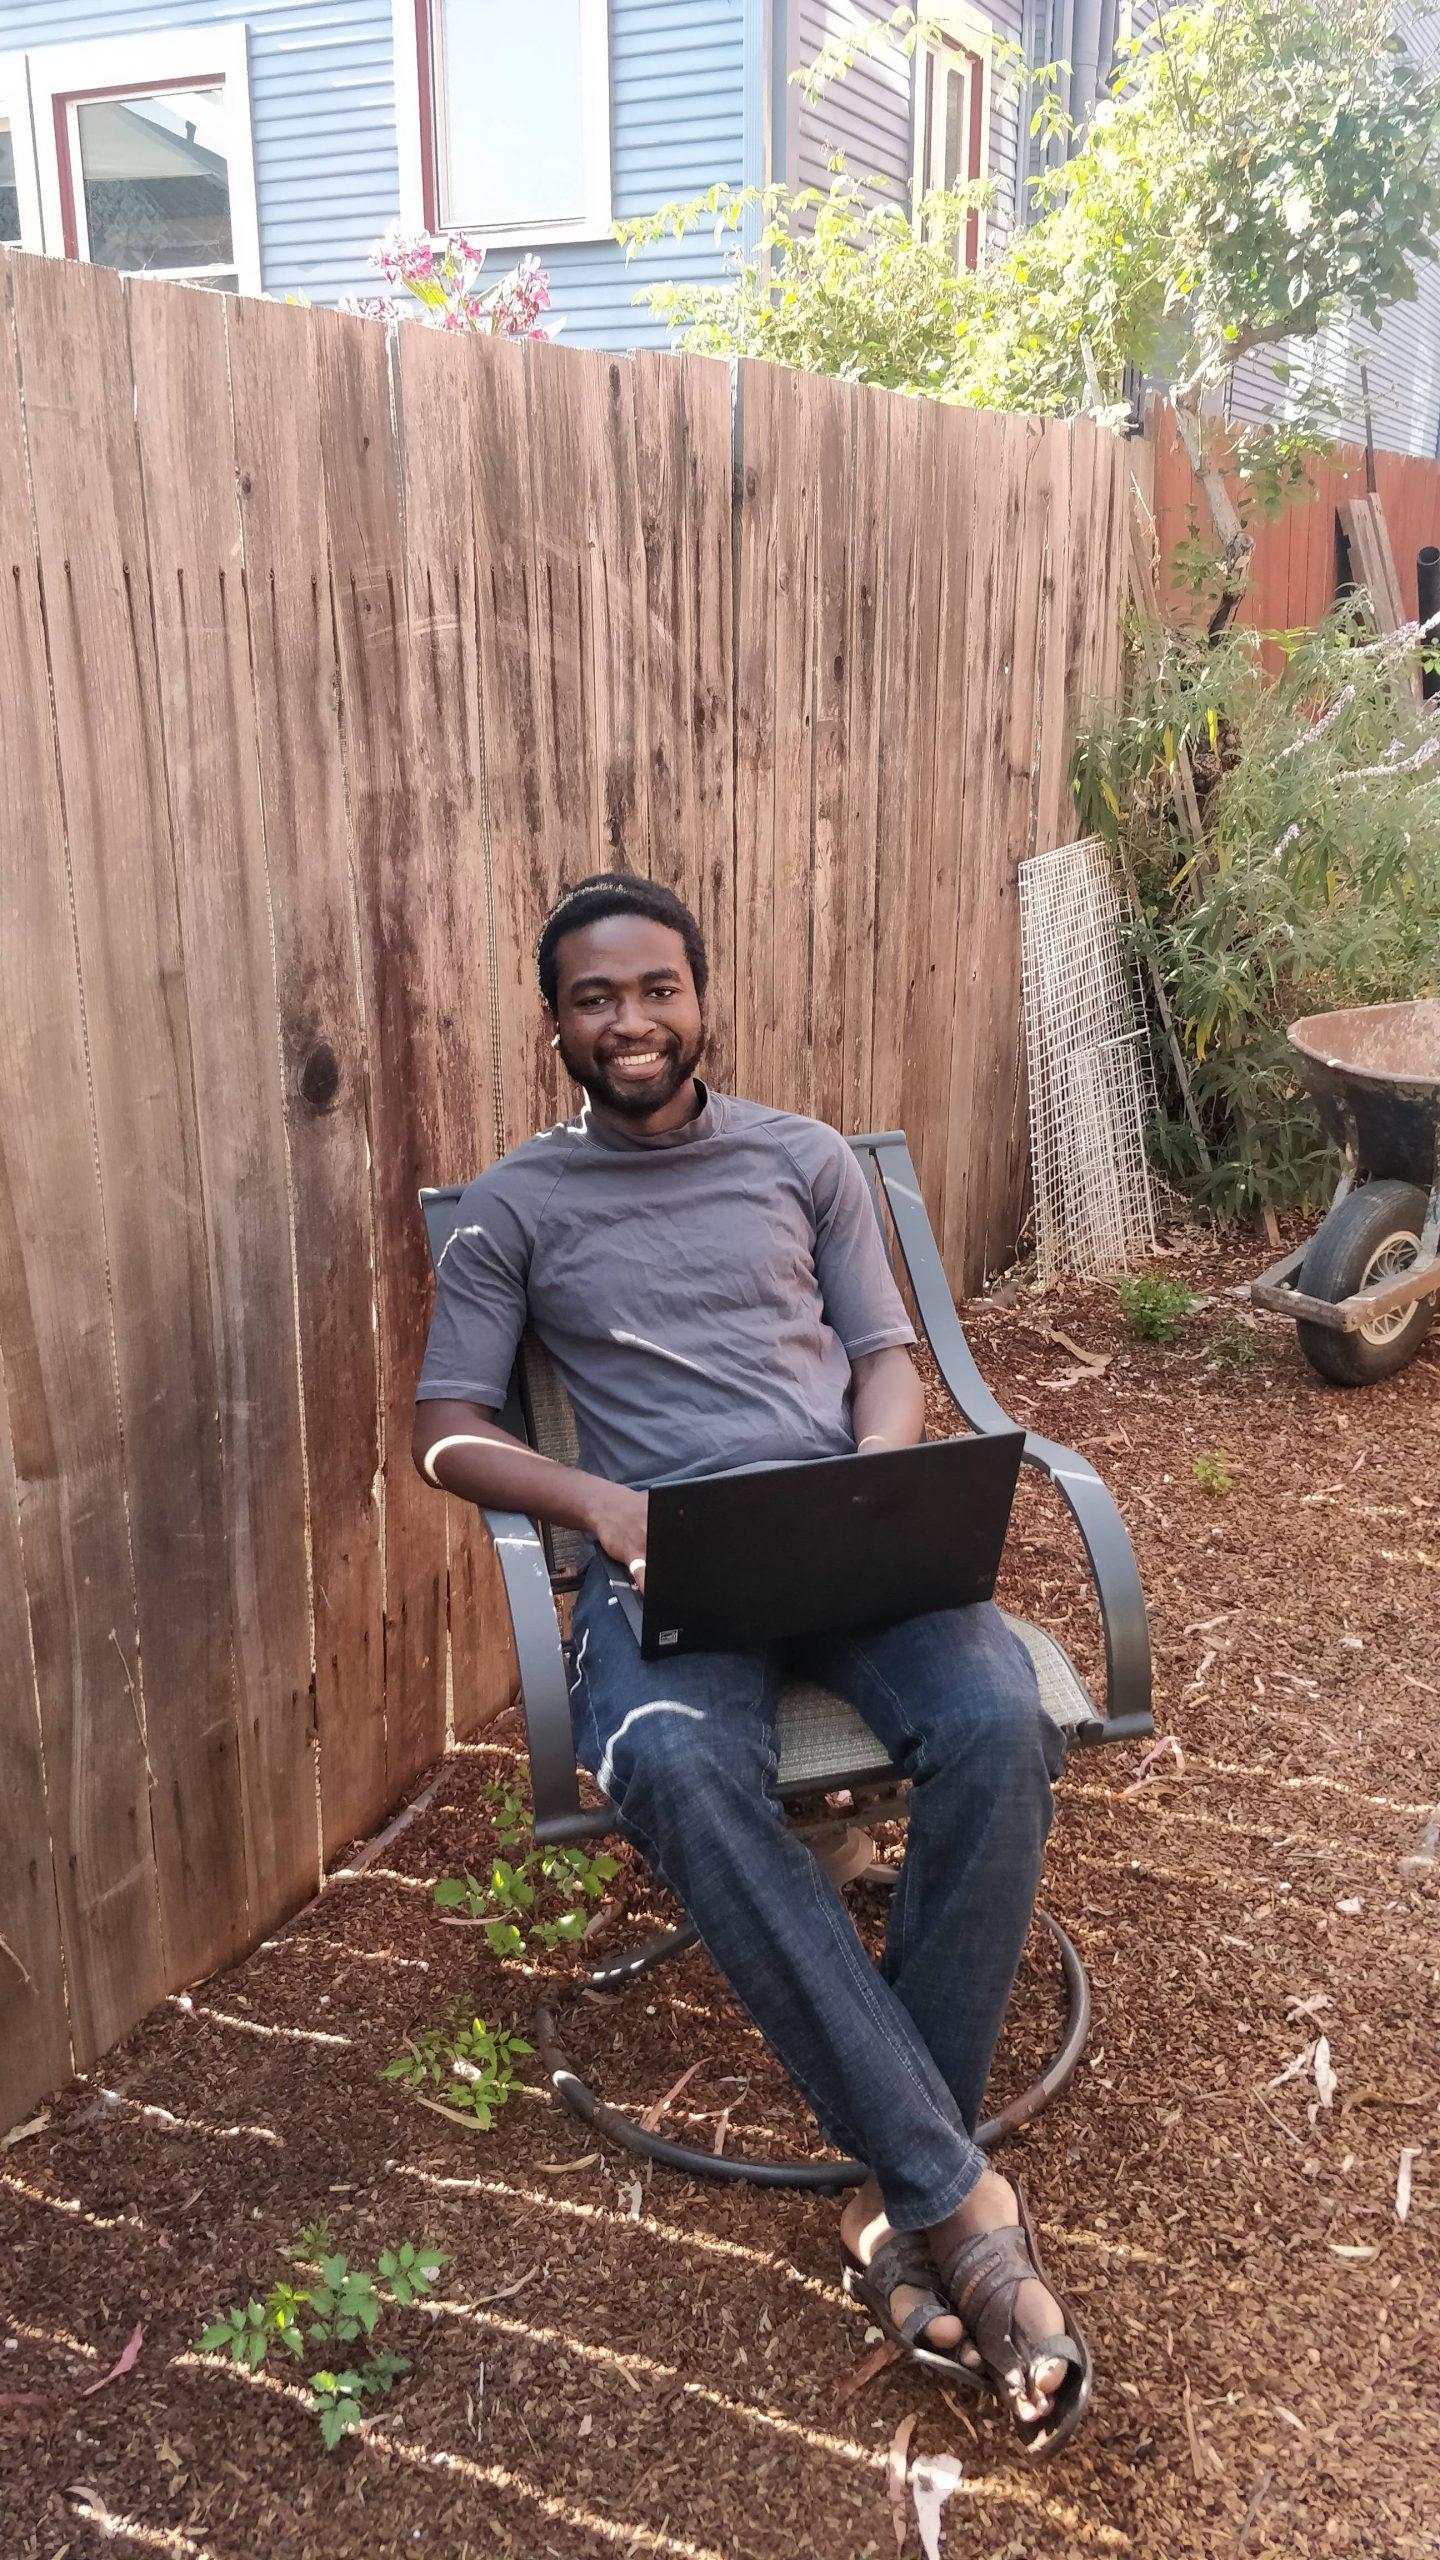 Faith sitting in backyard.